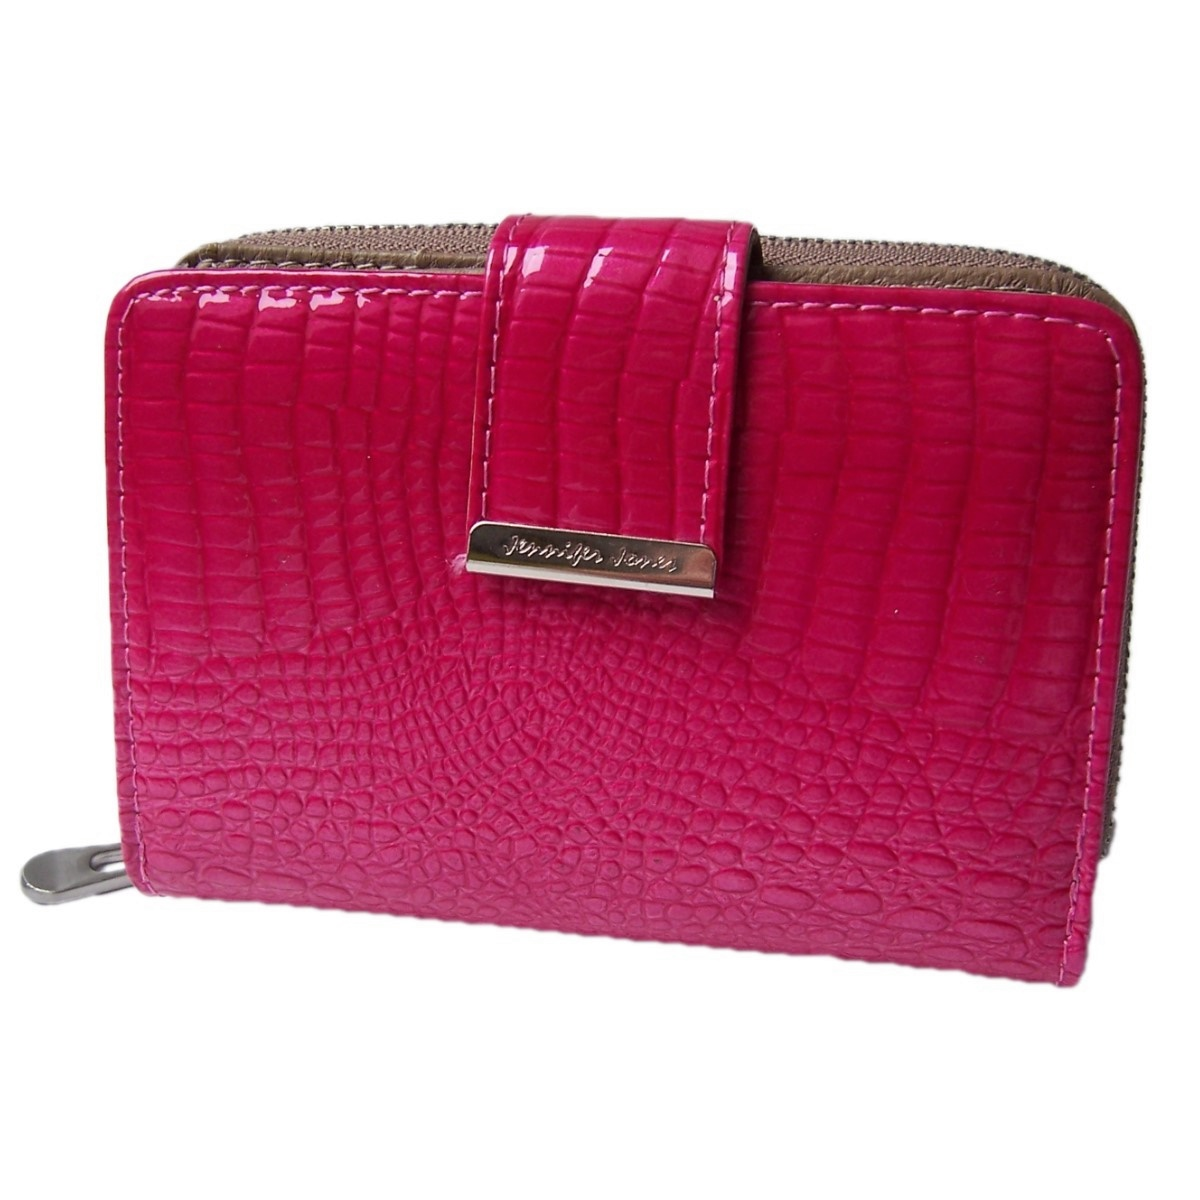 Po2041 Damen Portemonnaie Leder Jennnifer Jones Pink Kroko Lackleder